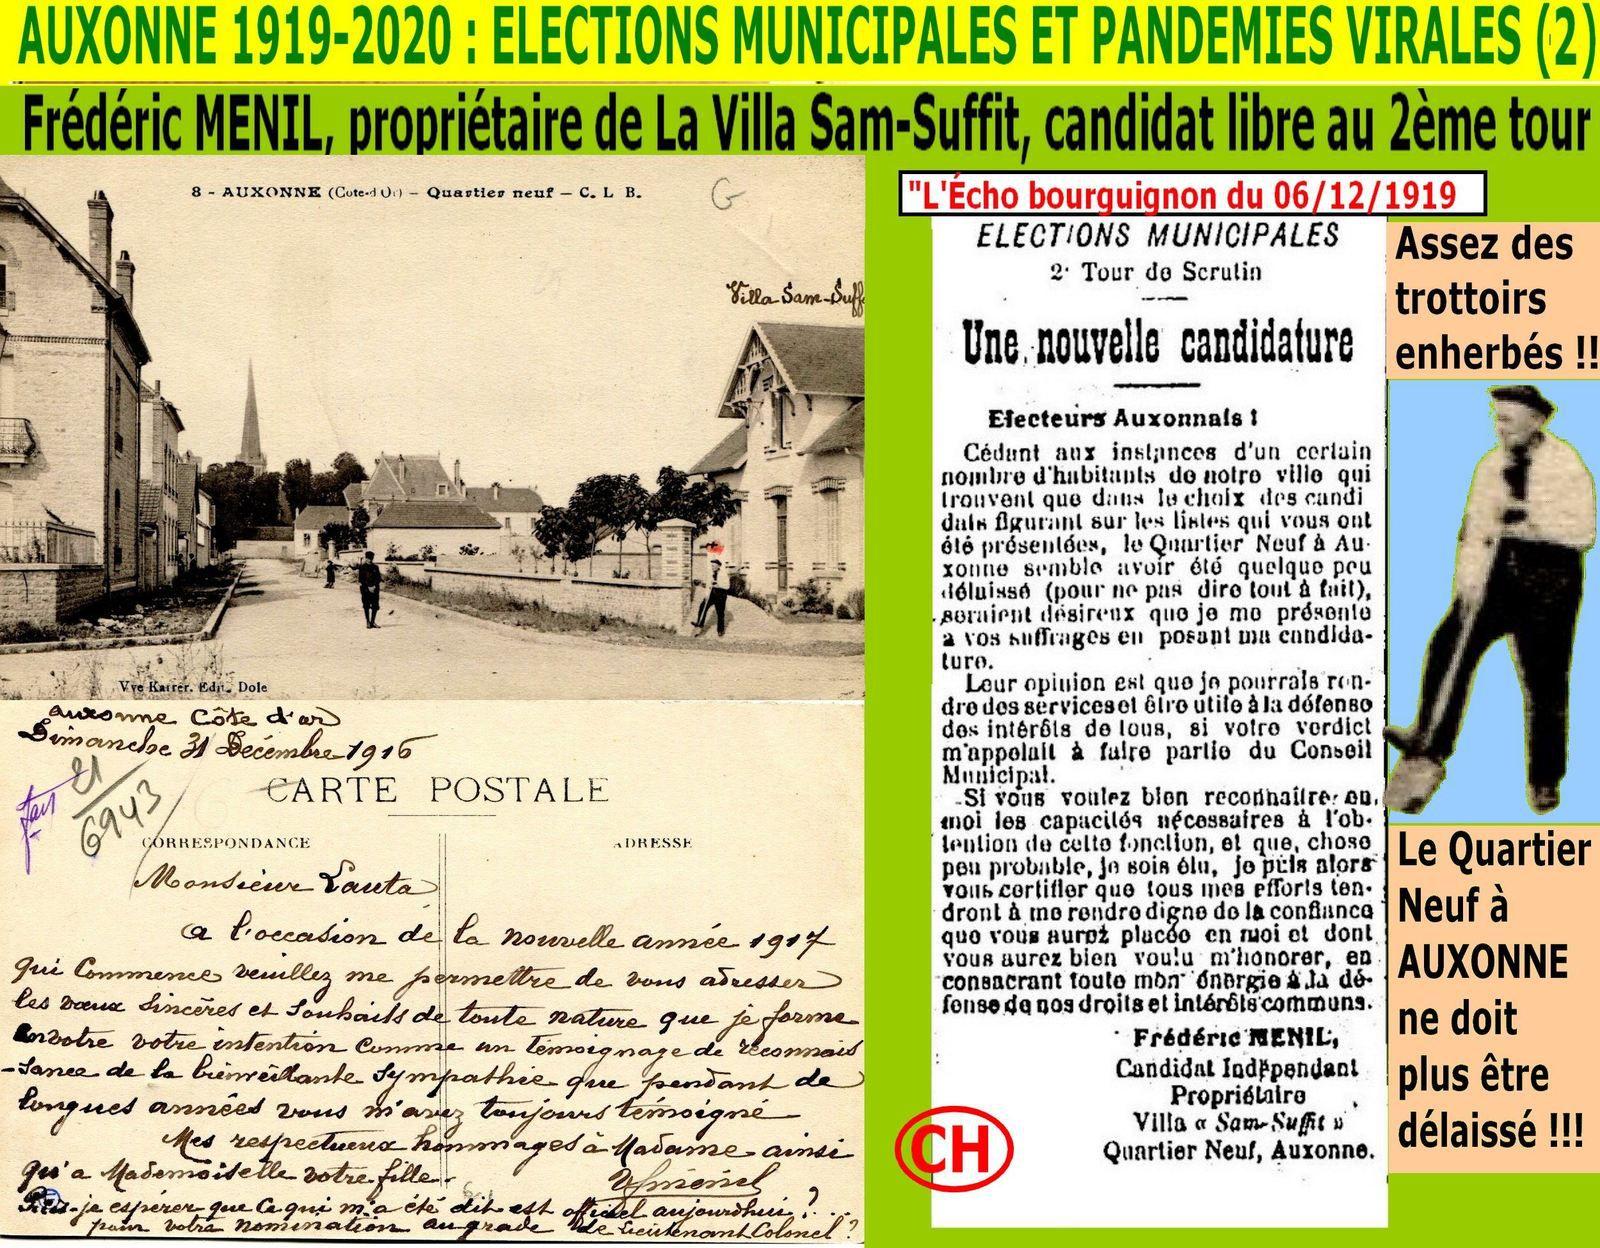 Auxonne 1919-2020, élections municipales et  pandémies virales (2).jpg